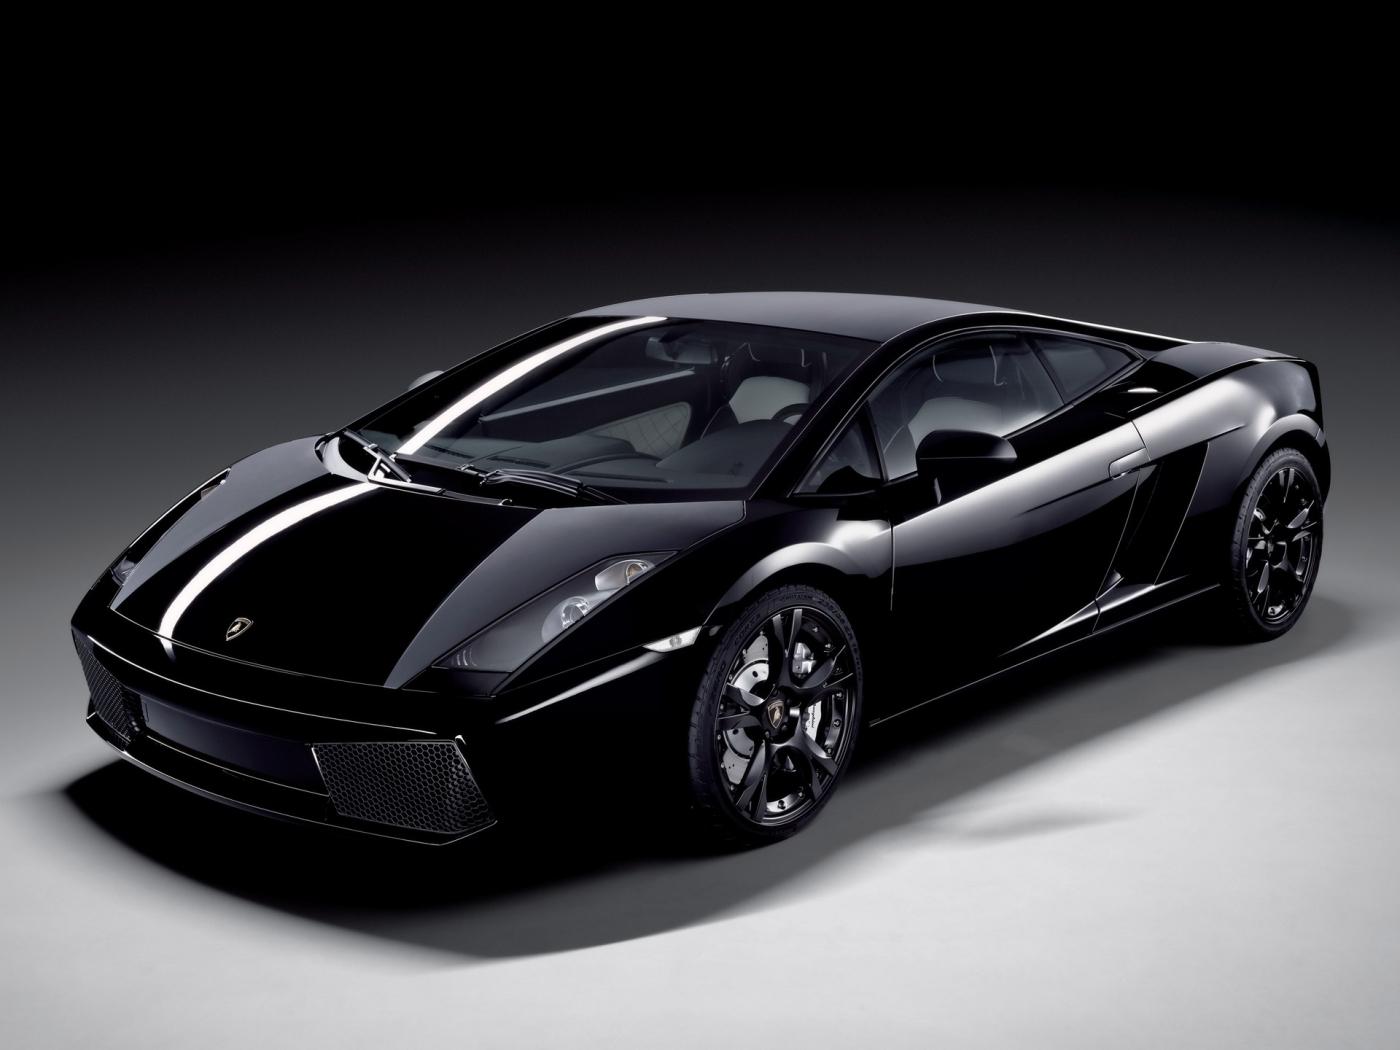 25555 скачать обои Транспорт, Машины, Ламборджини (Lamborghini) - заставки и картинки бесплатно